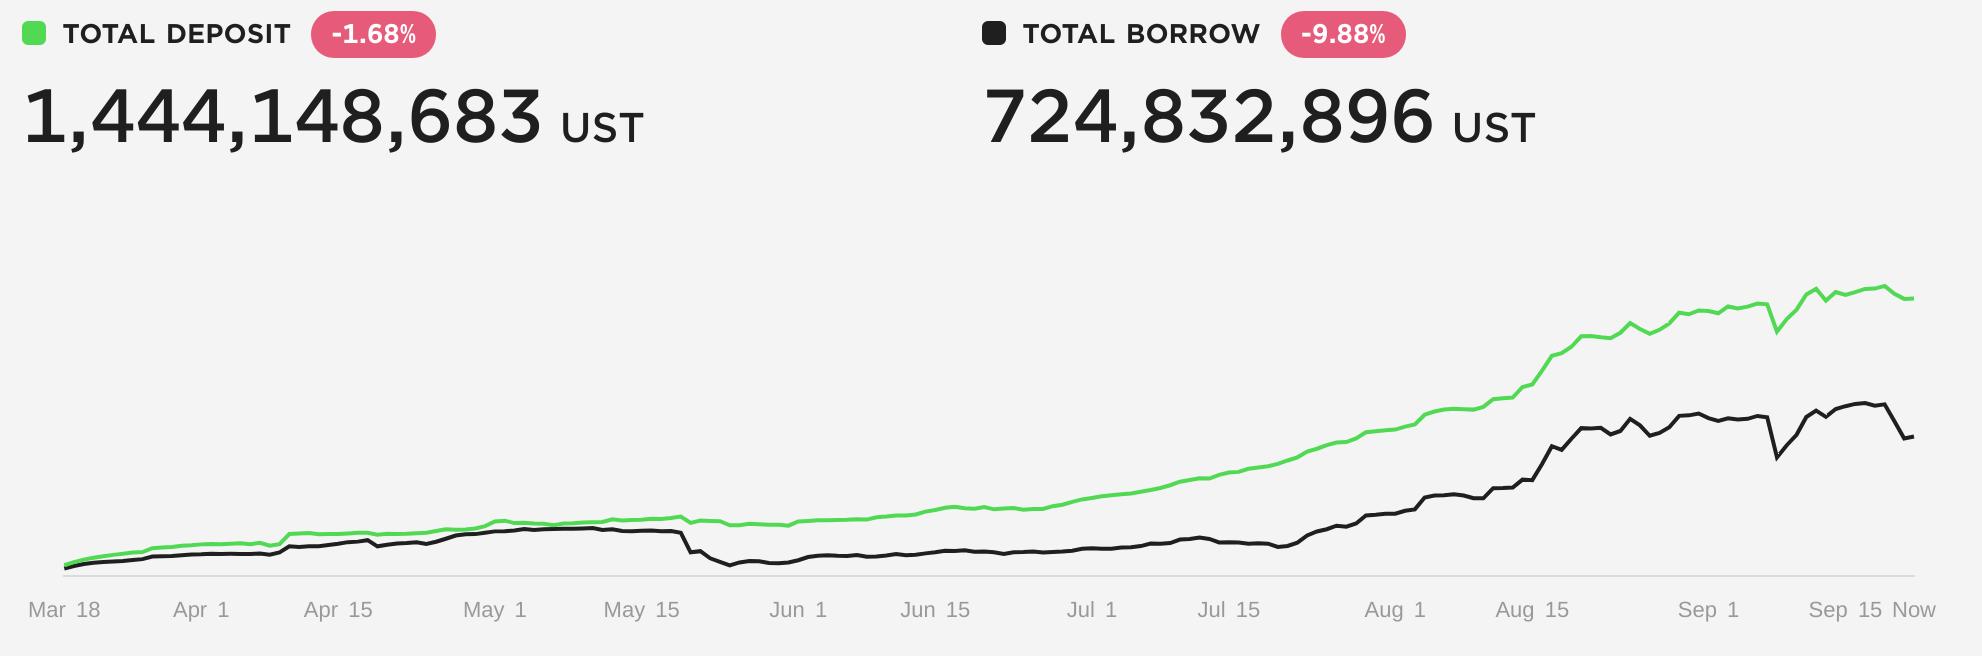 Évolution des dépôts (1,4 milliards de dollars) et des emprunts (724 millions de dollars) sur Anchor